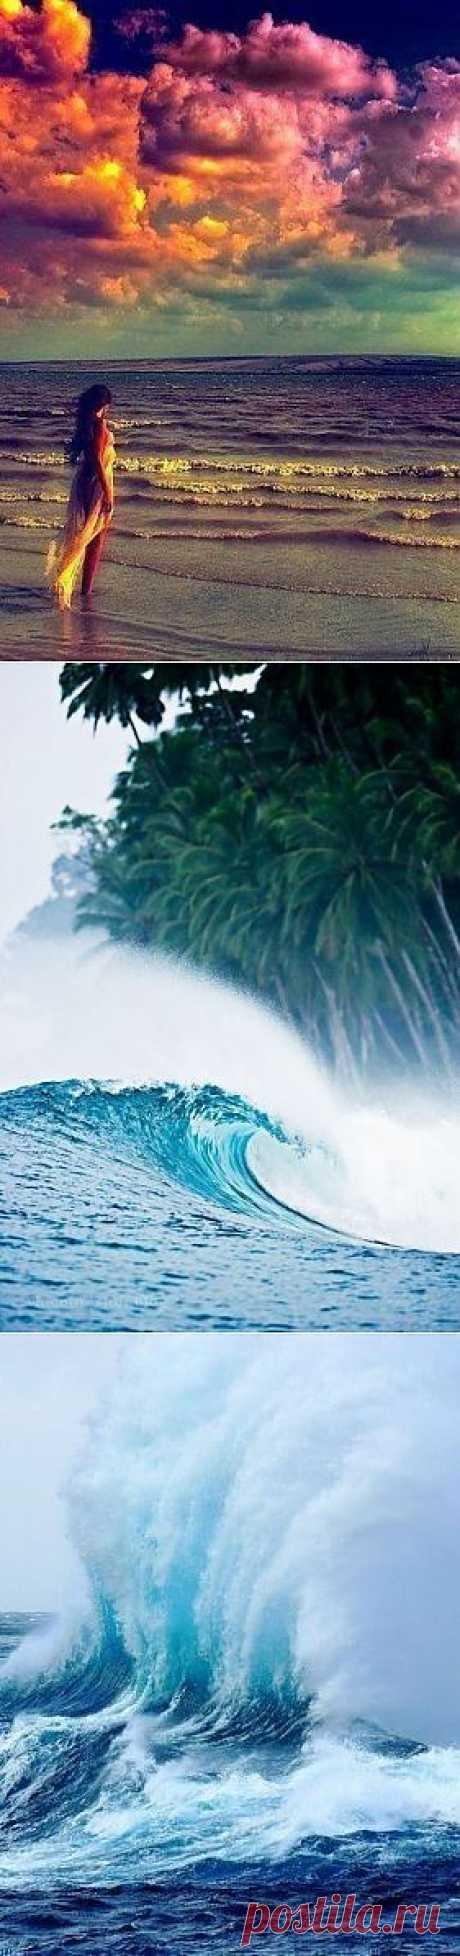 И снова немного о волшебстве моря и волн